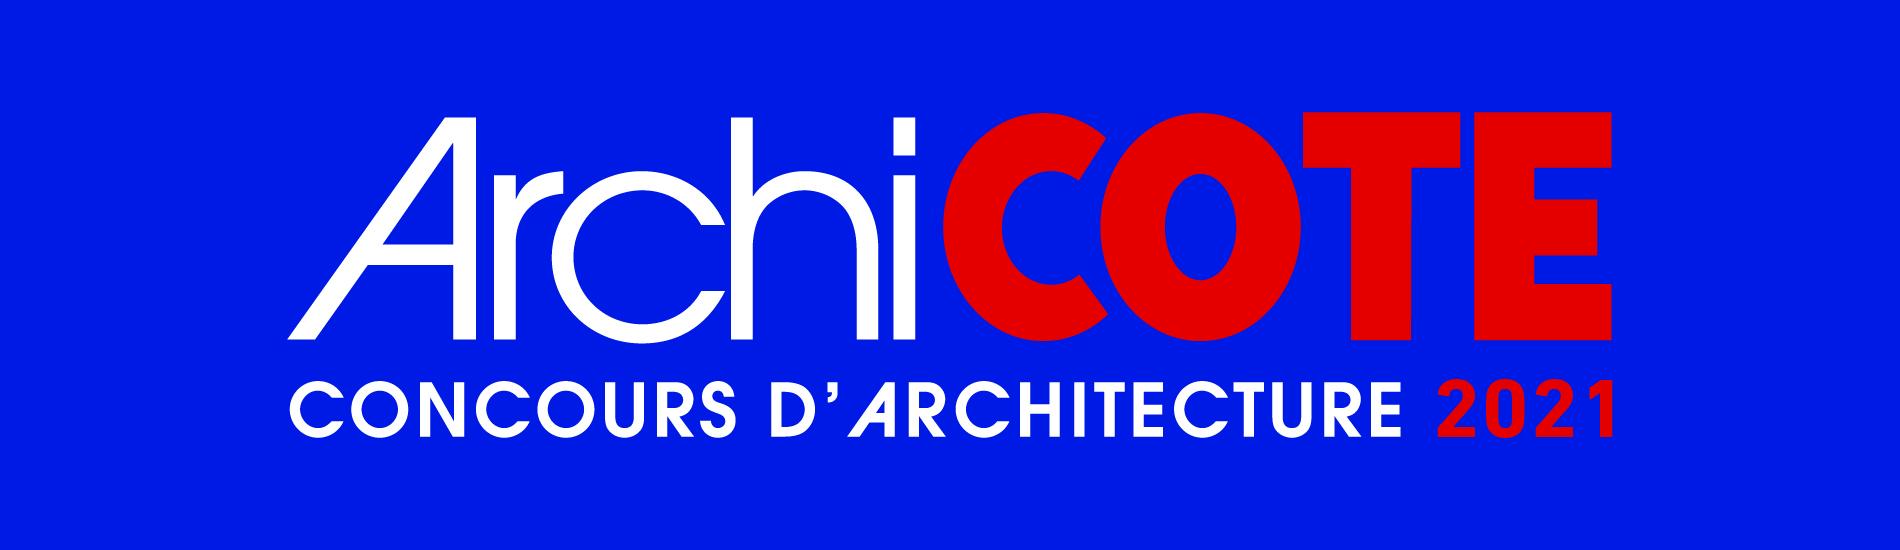 archiCOTE_2021_couleur